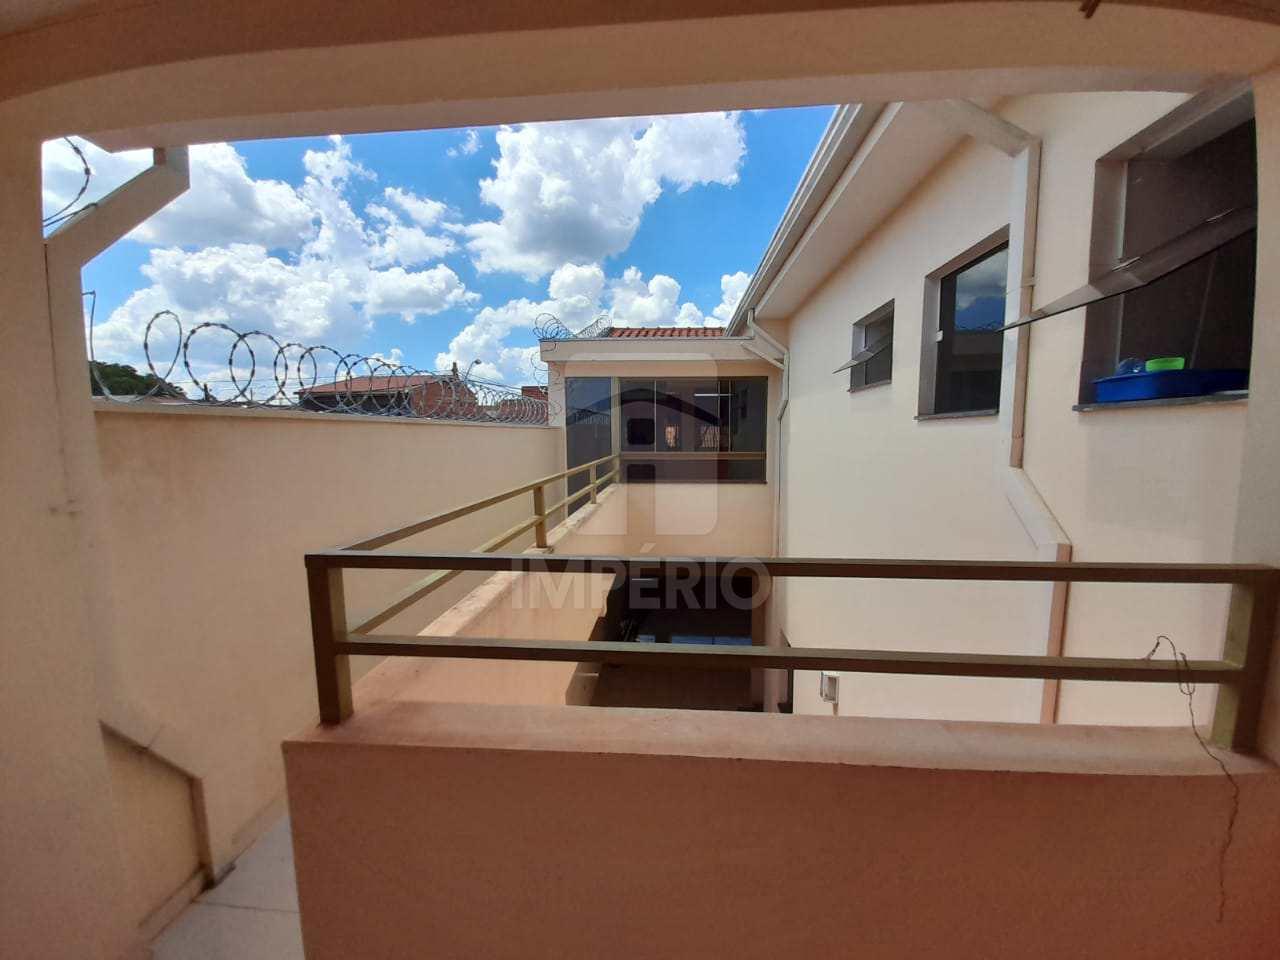 Casa com 3 dorms, Jardim Cila de Lúcio Bauab, Jaú - R$ 340 mil, Cod: 490